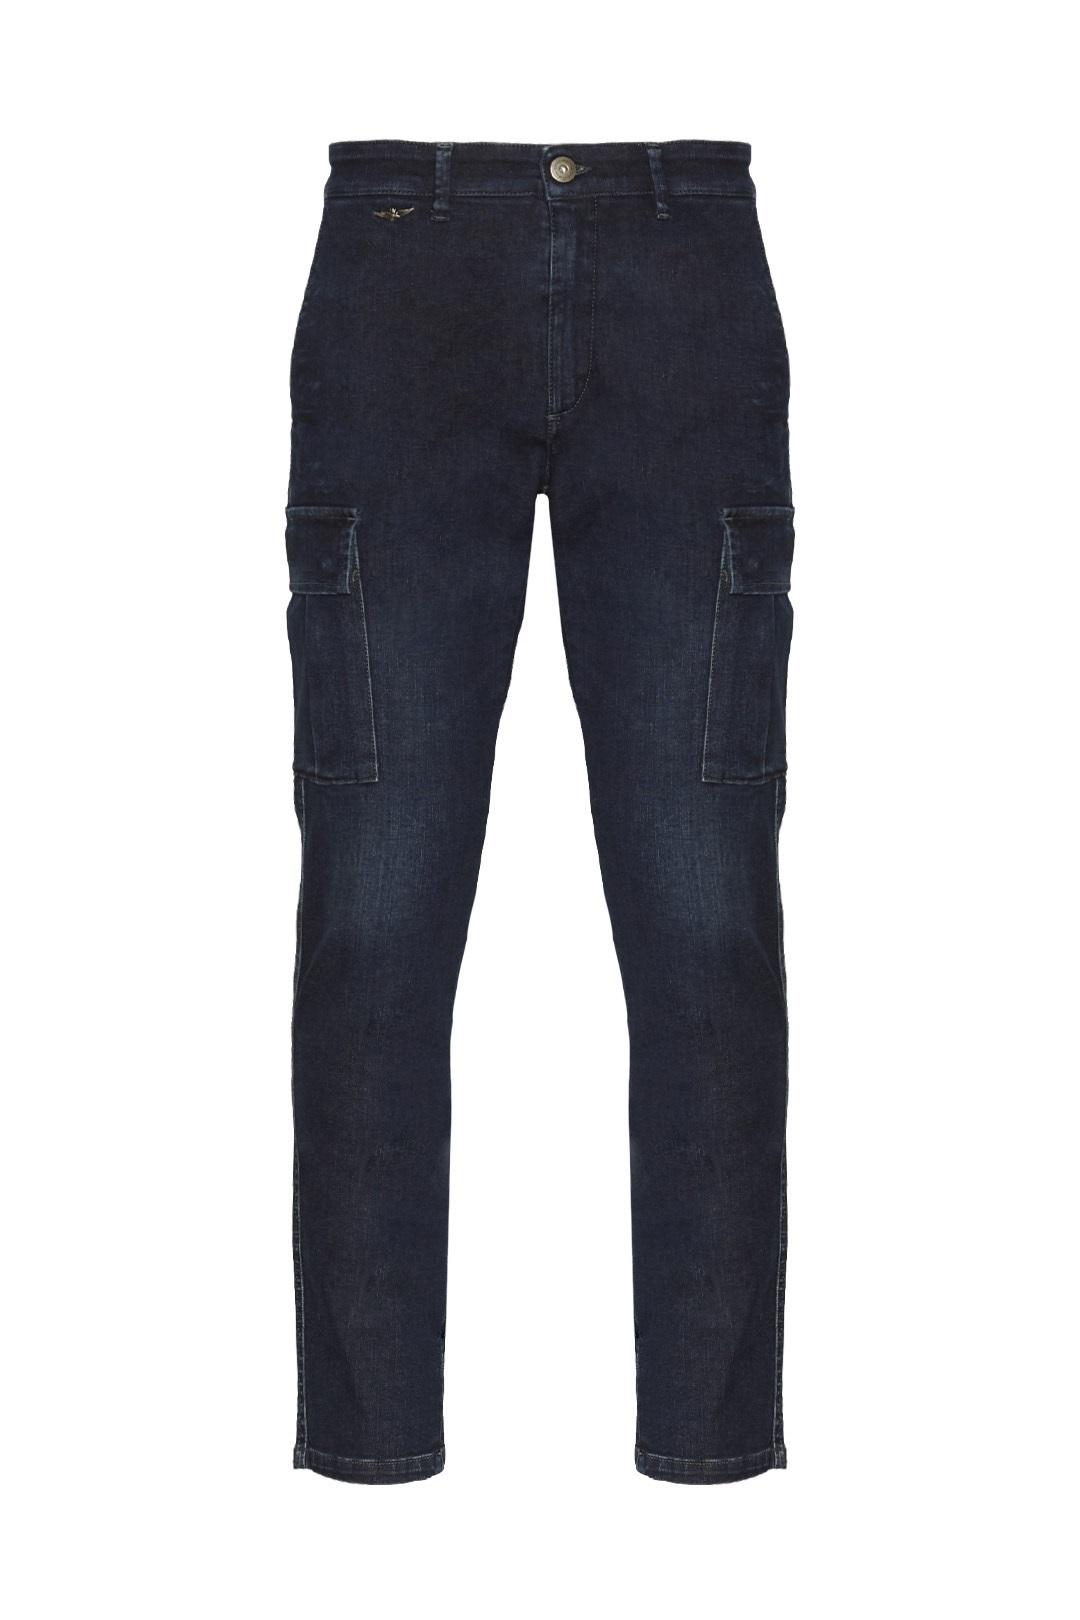 Cargohose aus Stretch Jeans              1